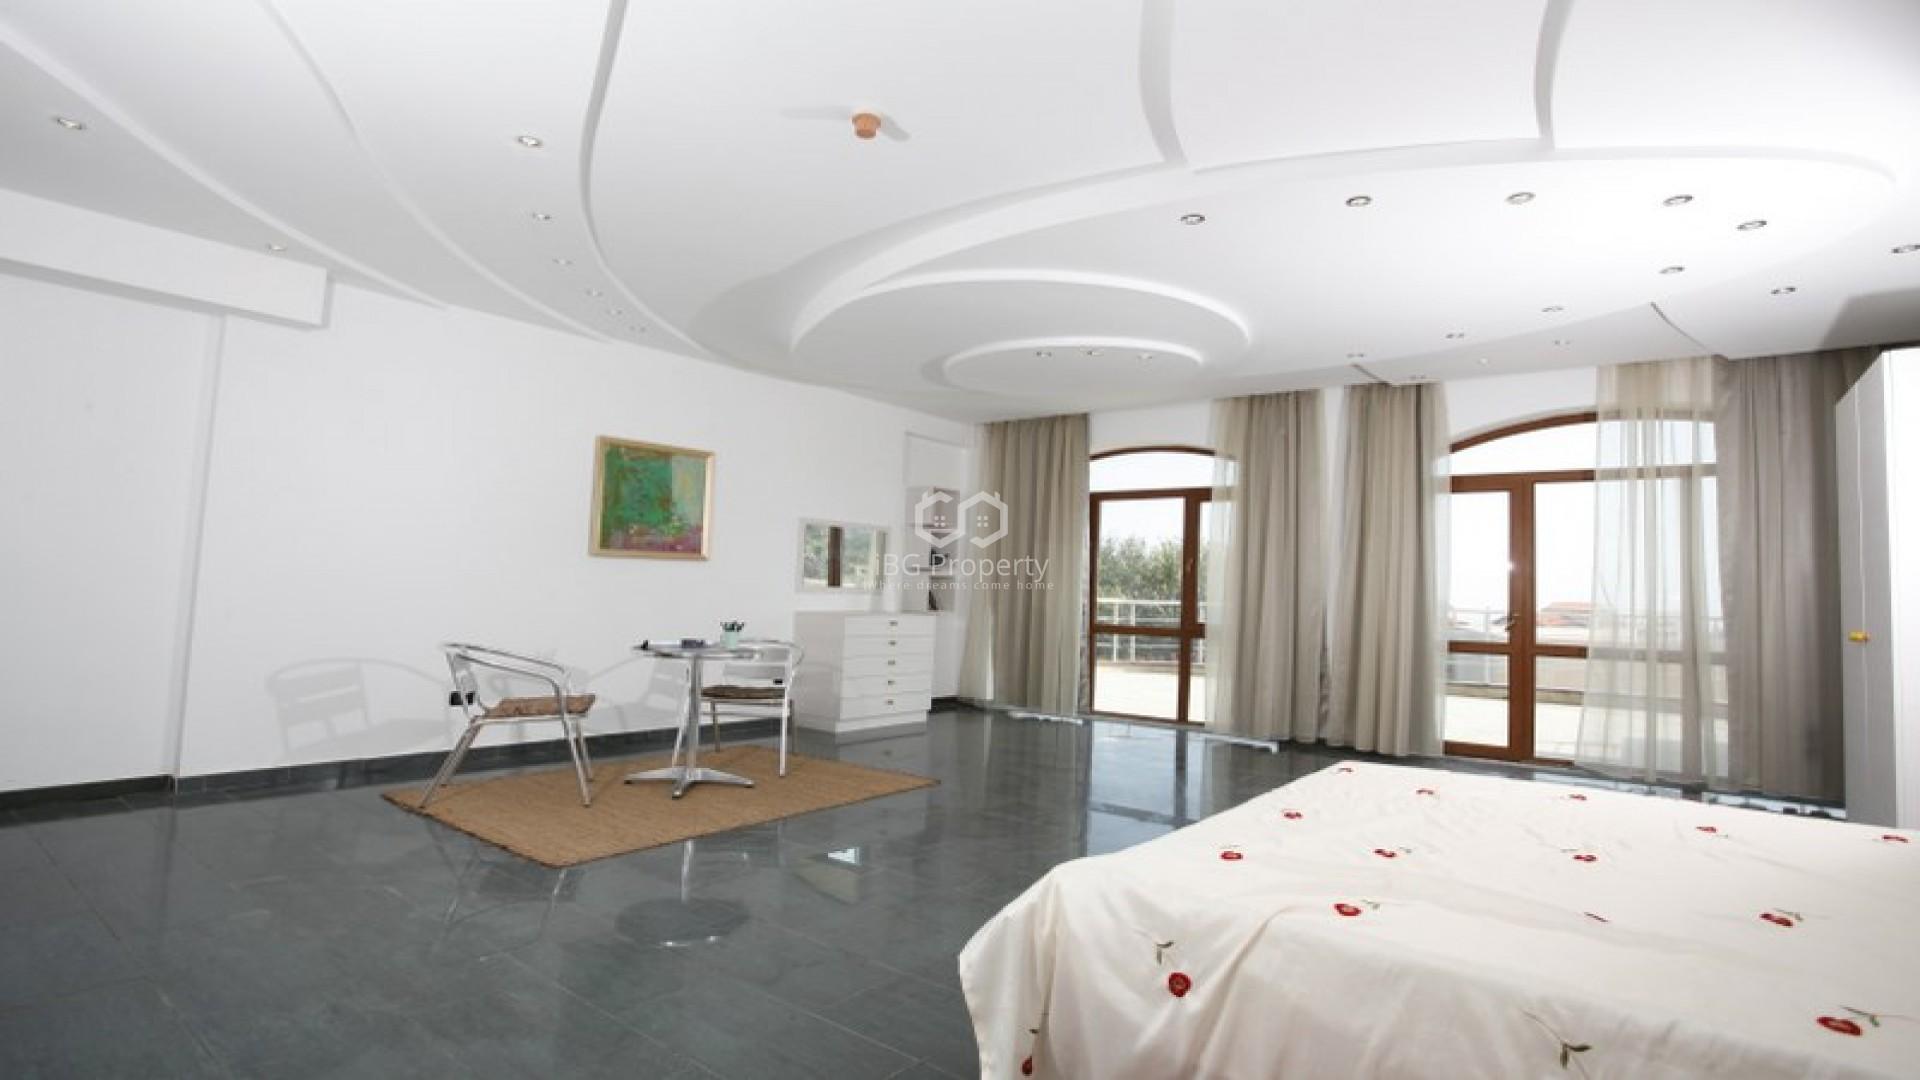 ЕКСКЛУЗИВНО ПРЕДЛОЖЕНИЕ! Двустаен апартамент Бяла  91 m2